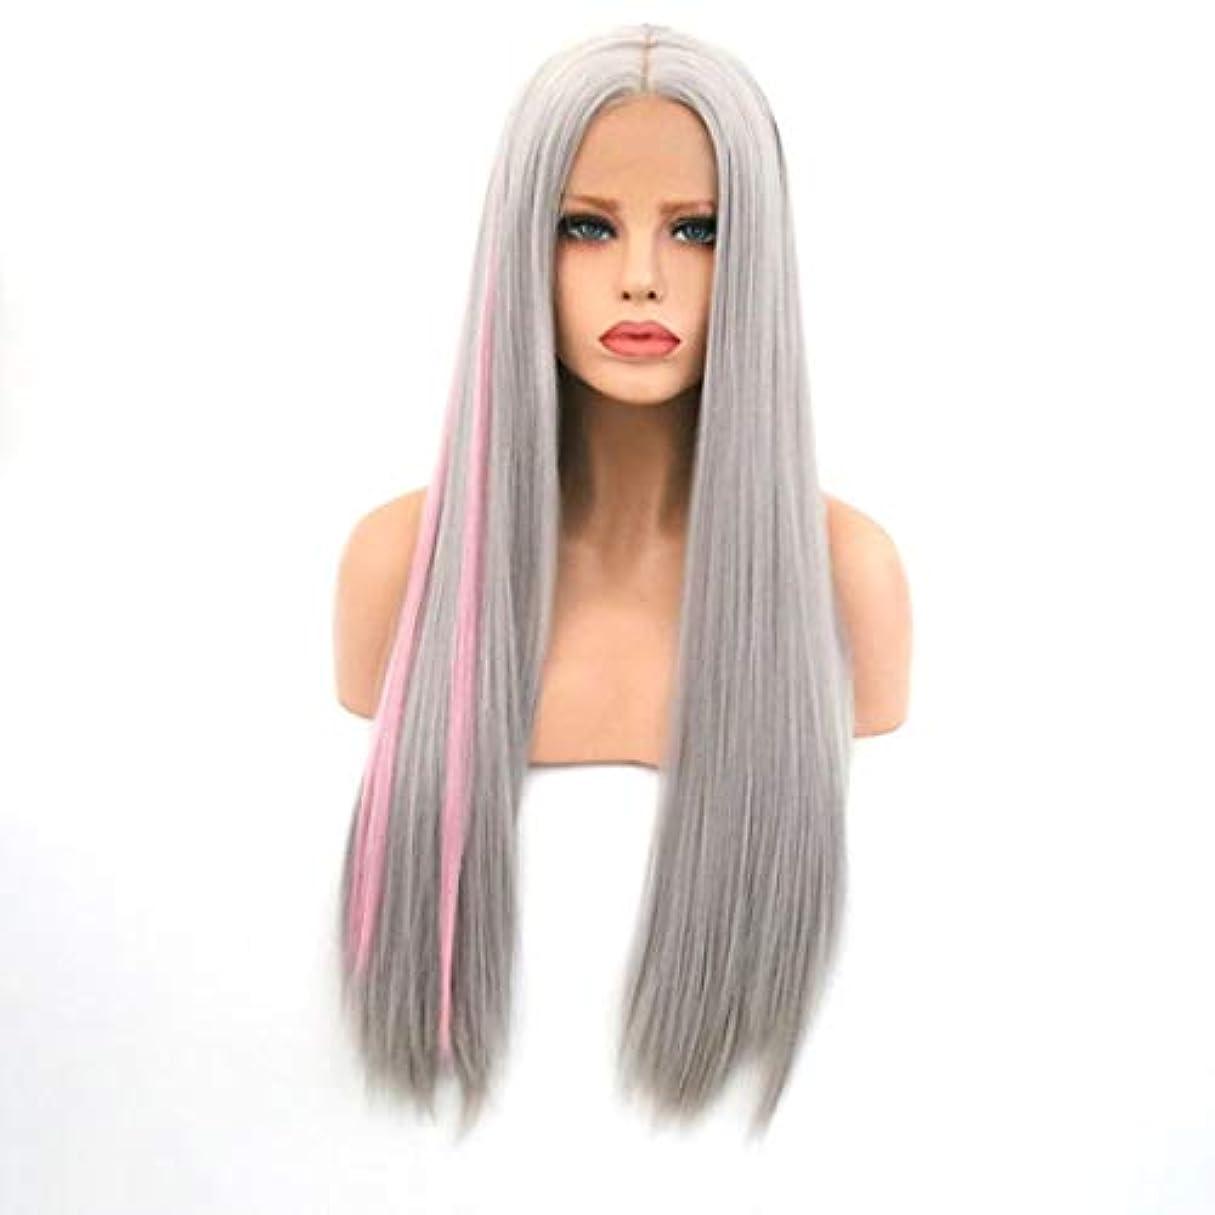 疑わしい割り当てます熱望するKerwinner 女性のためのロングストレートヘアフロントレース化学繊維ウィッグヘッドギアをかつら